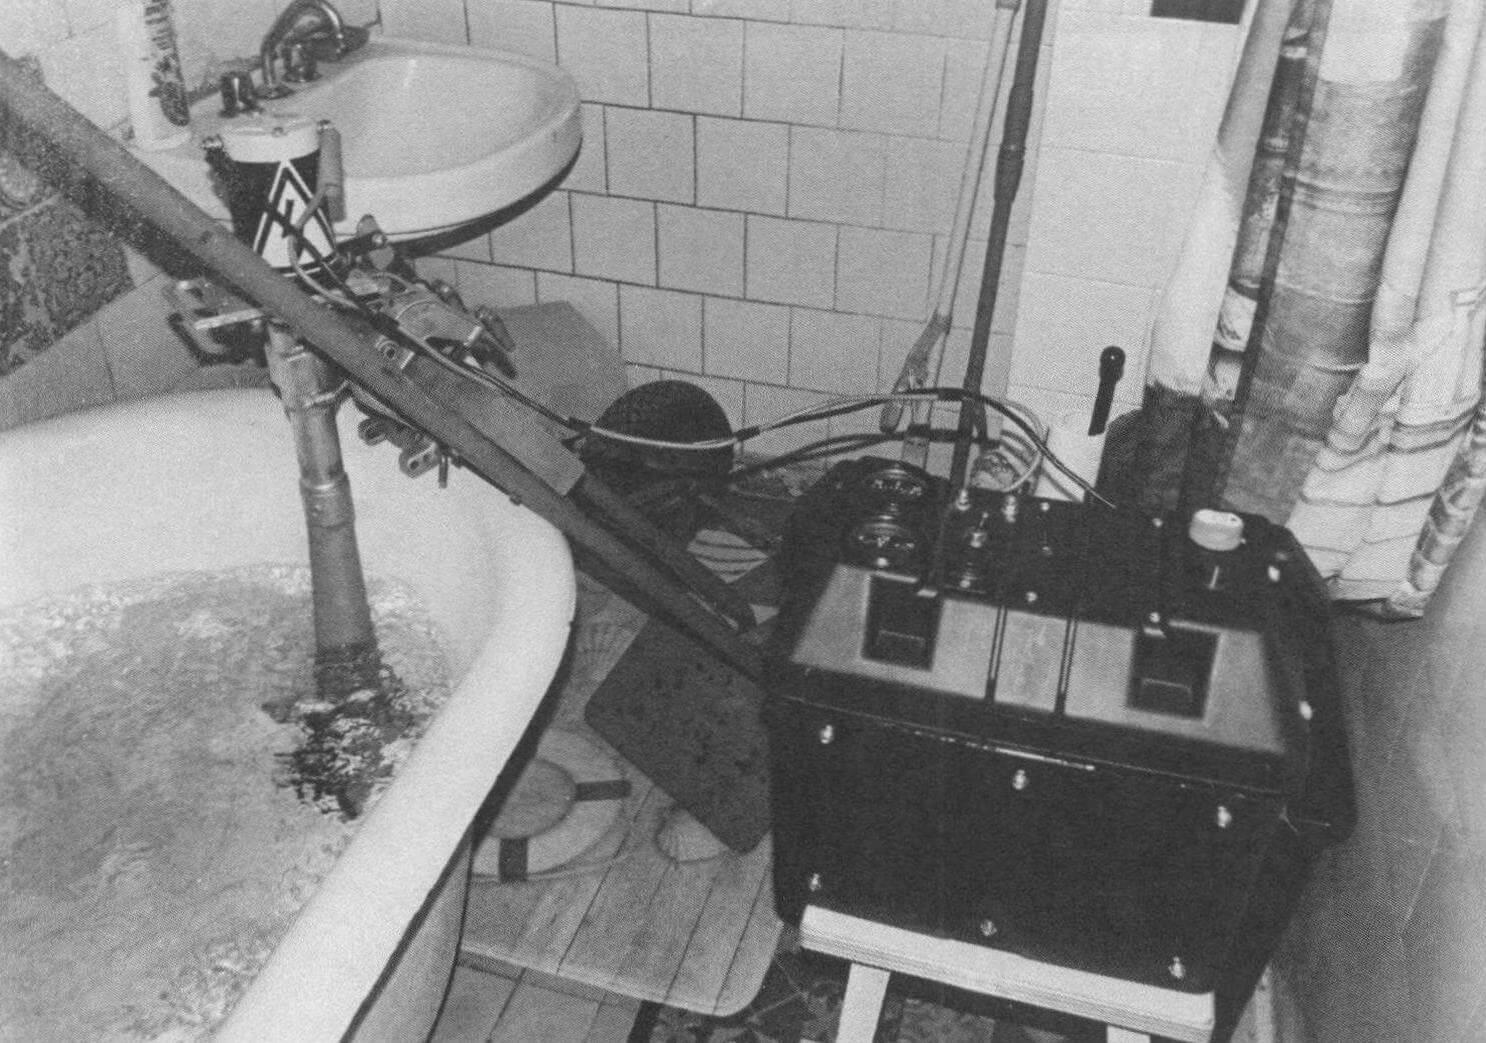 «ЭлектроСалют» с аккумуляторной батареей 85 А ч в работе на «испытательном стенде» в ванне московской квартиры